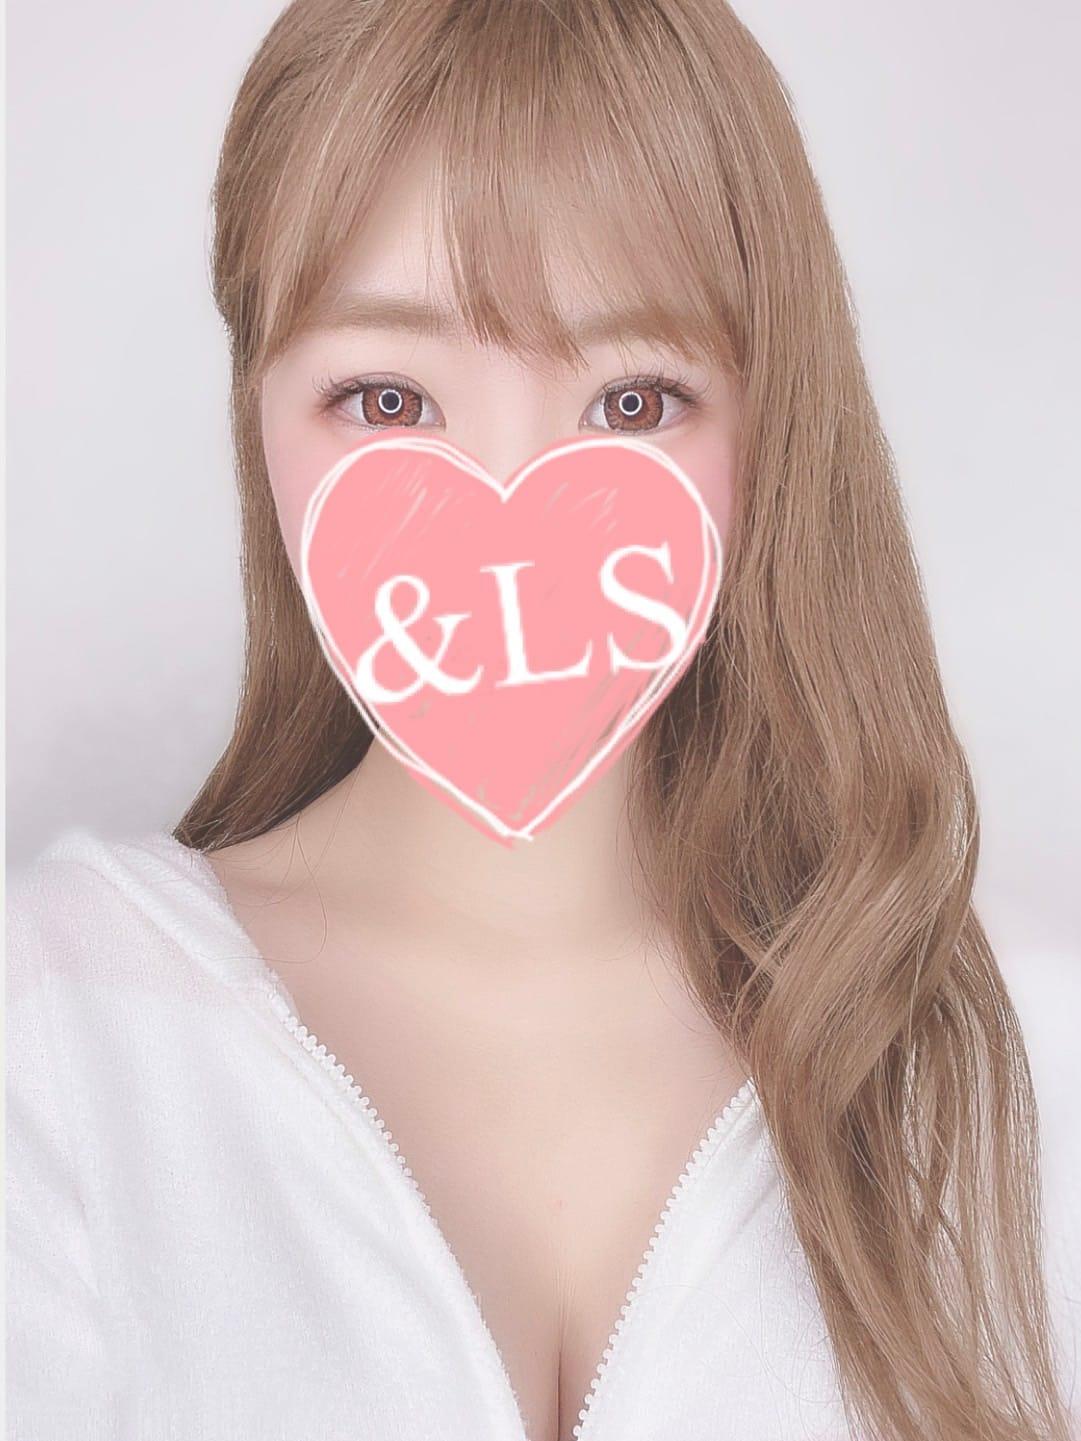 橘花みひ   &LS-アンドルクス-